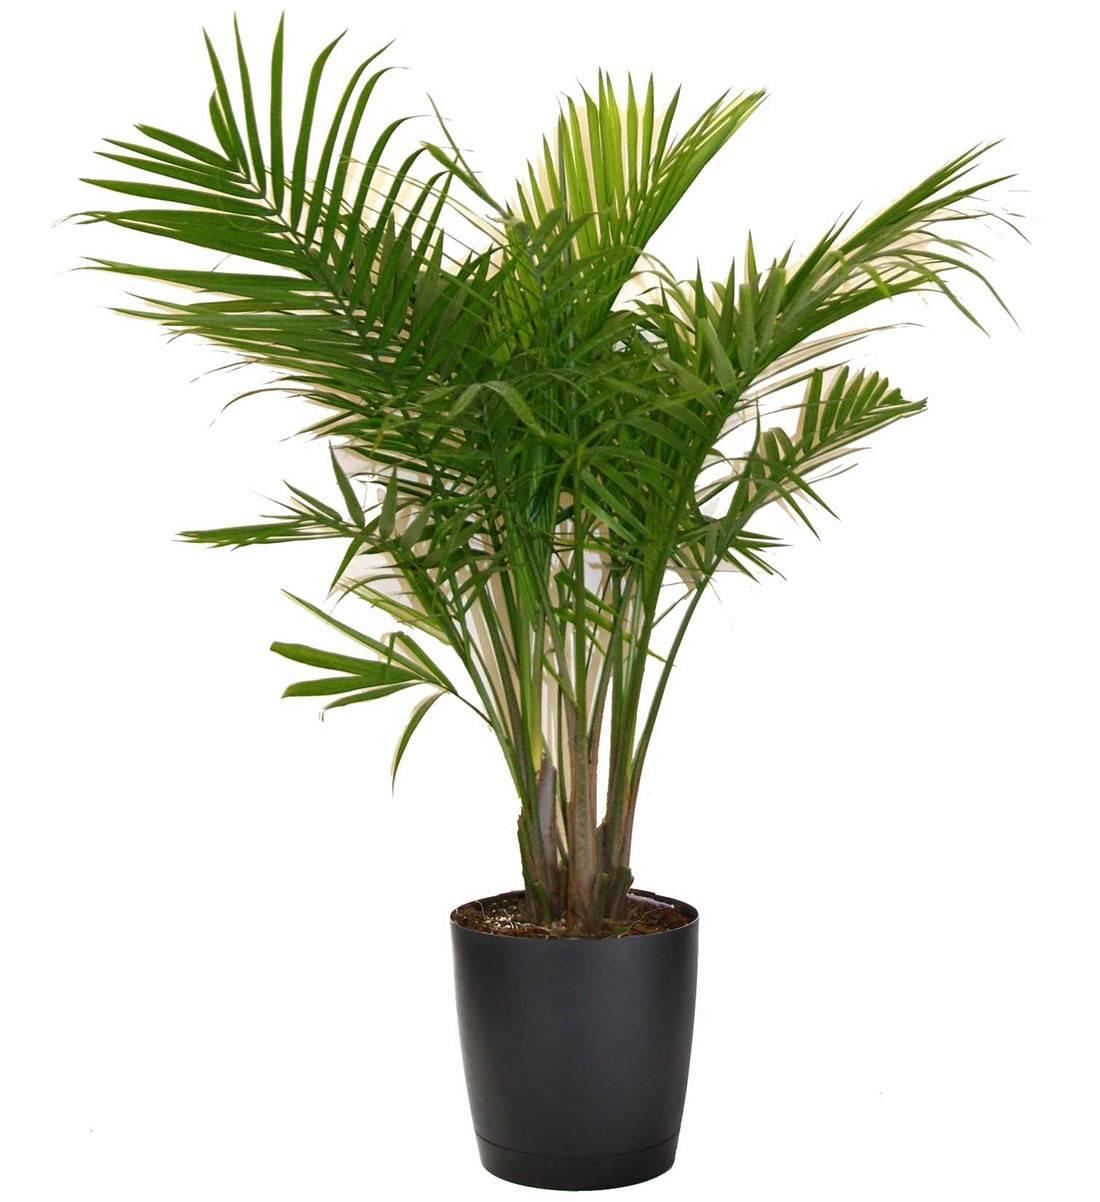 Costa Farms Majesty Palm Houseplant